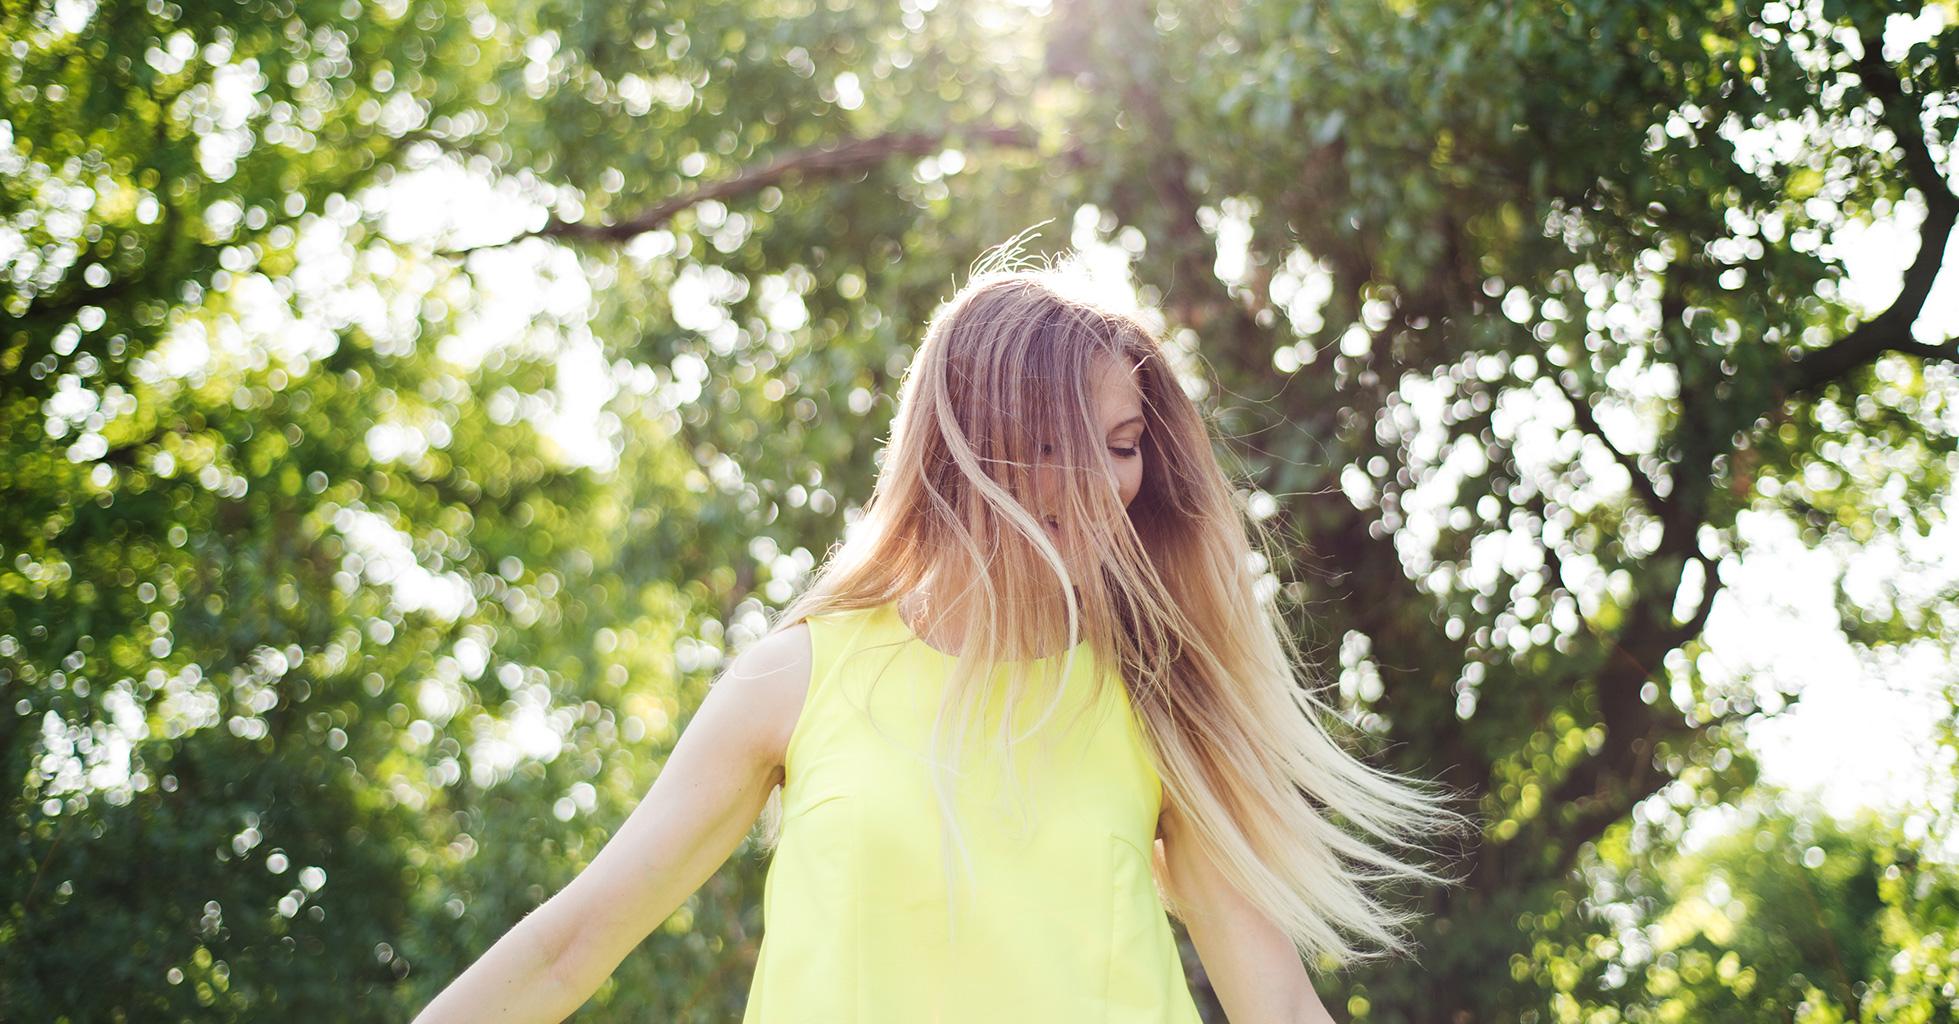 Cura dei capelli: 3 miti da sfatare